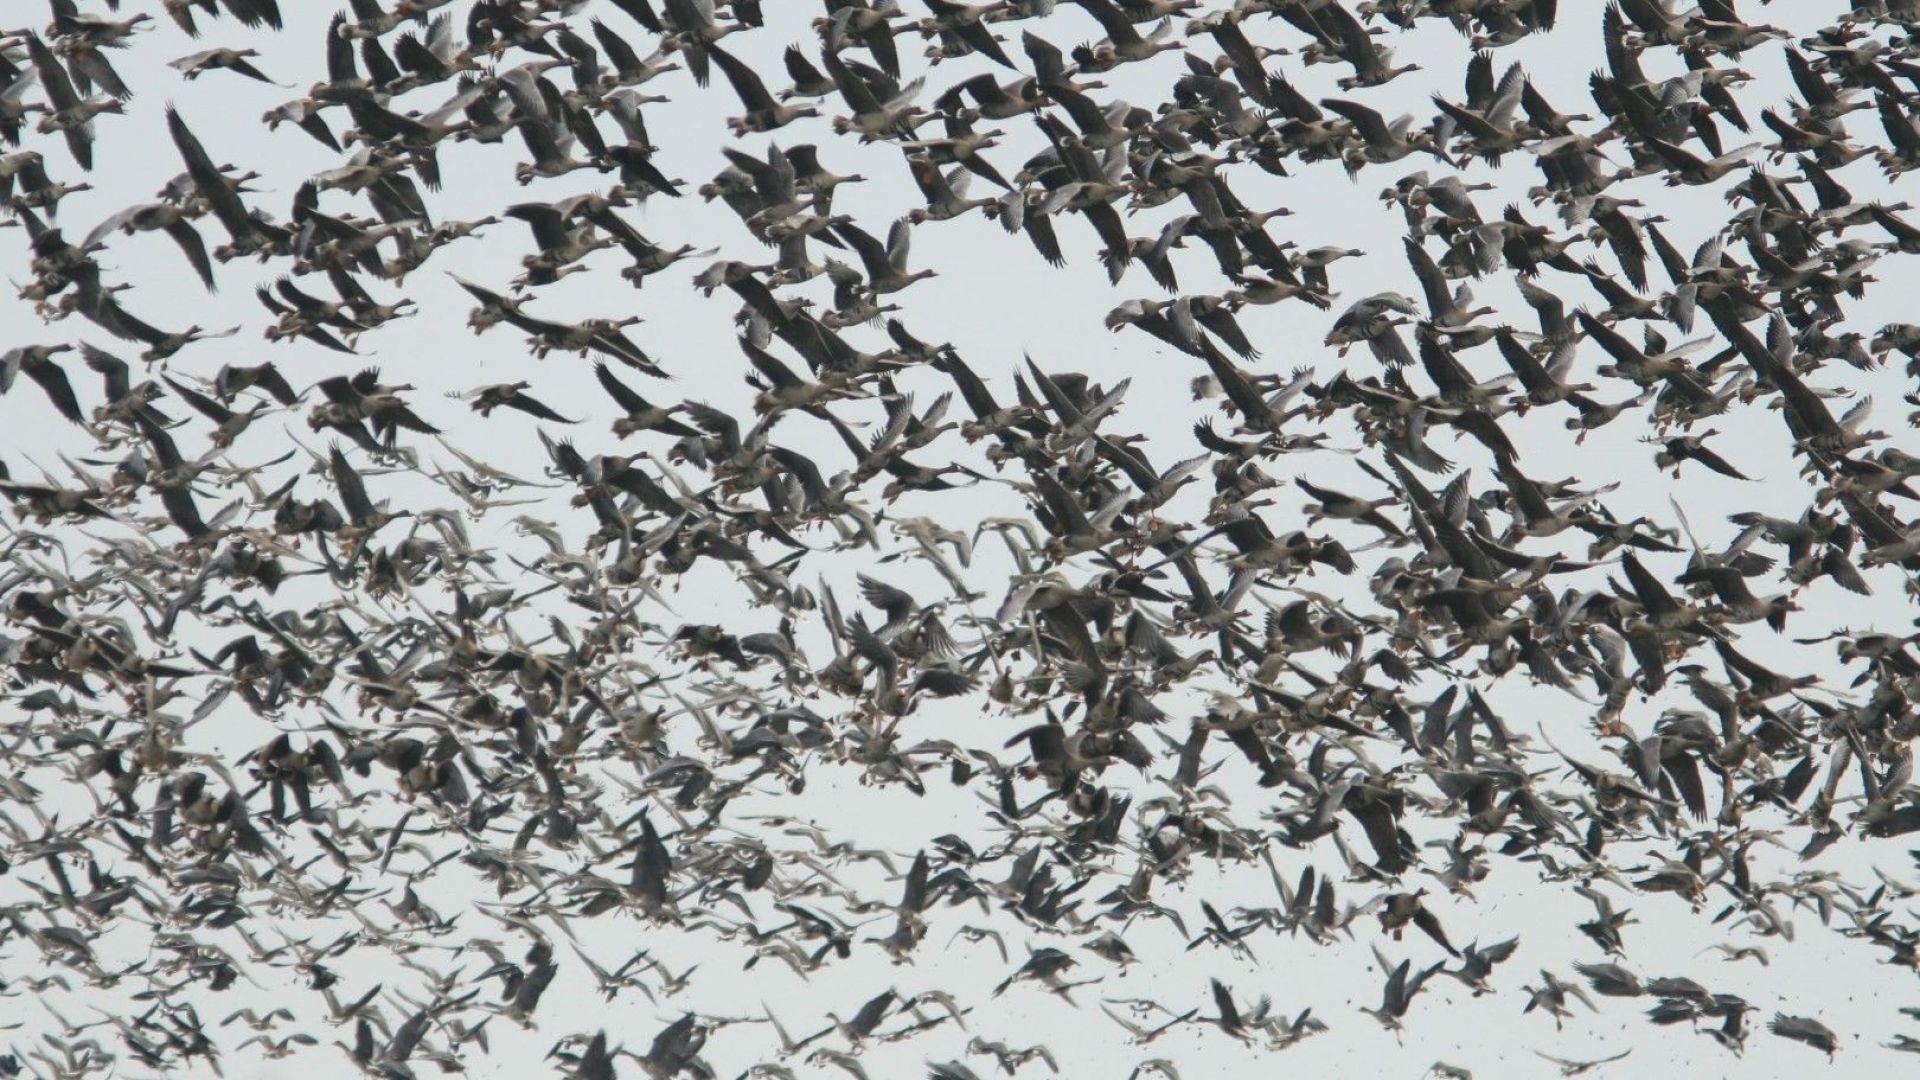 Започва броенето на зимуващите у нас и в цяла Европа водолюбиви птици